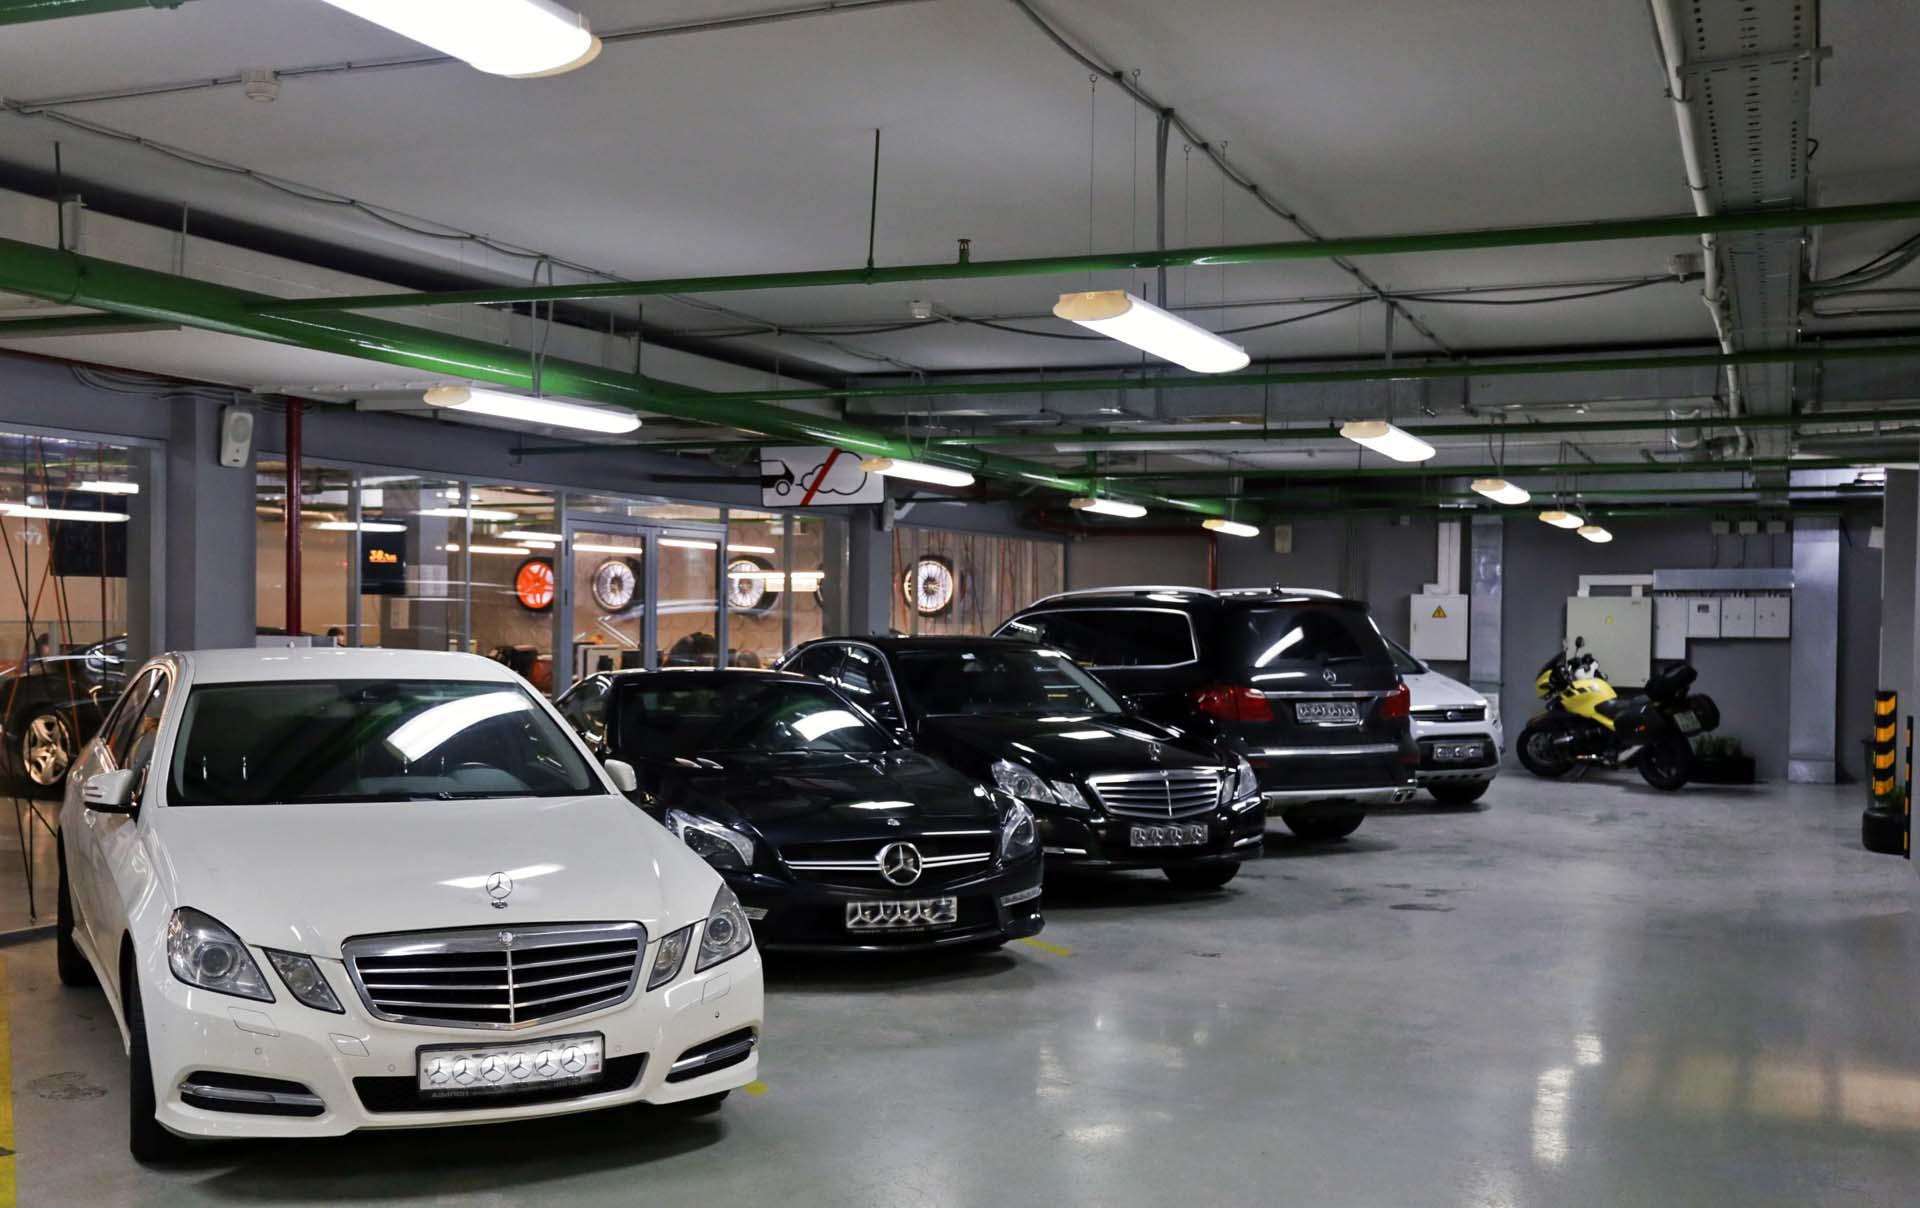 Автоломбарды в смоленске продажа авто автоломбарды в омске авто в продаже